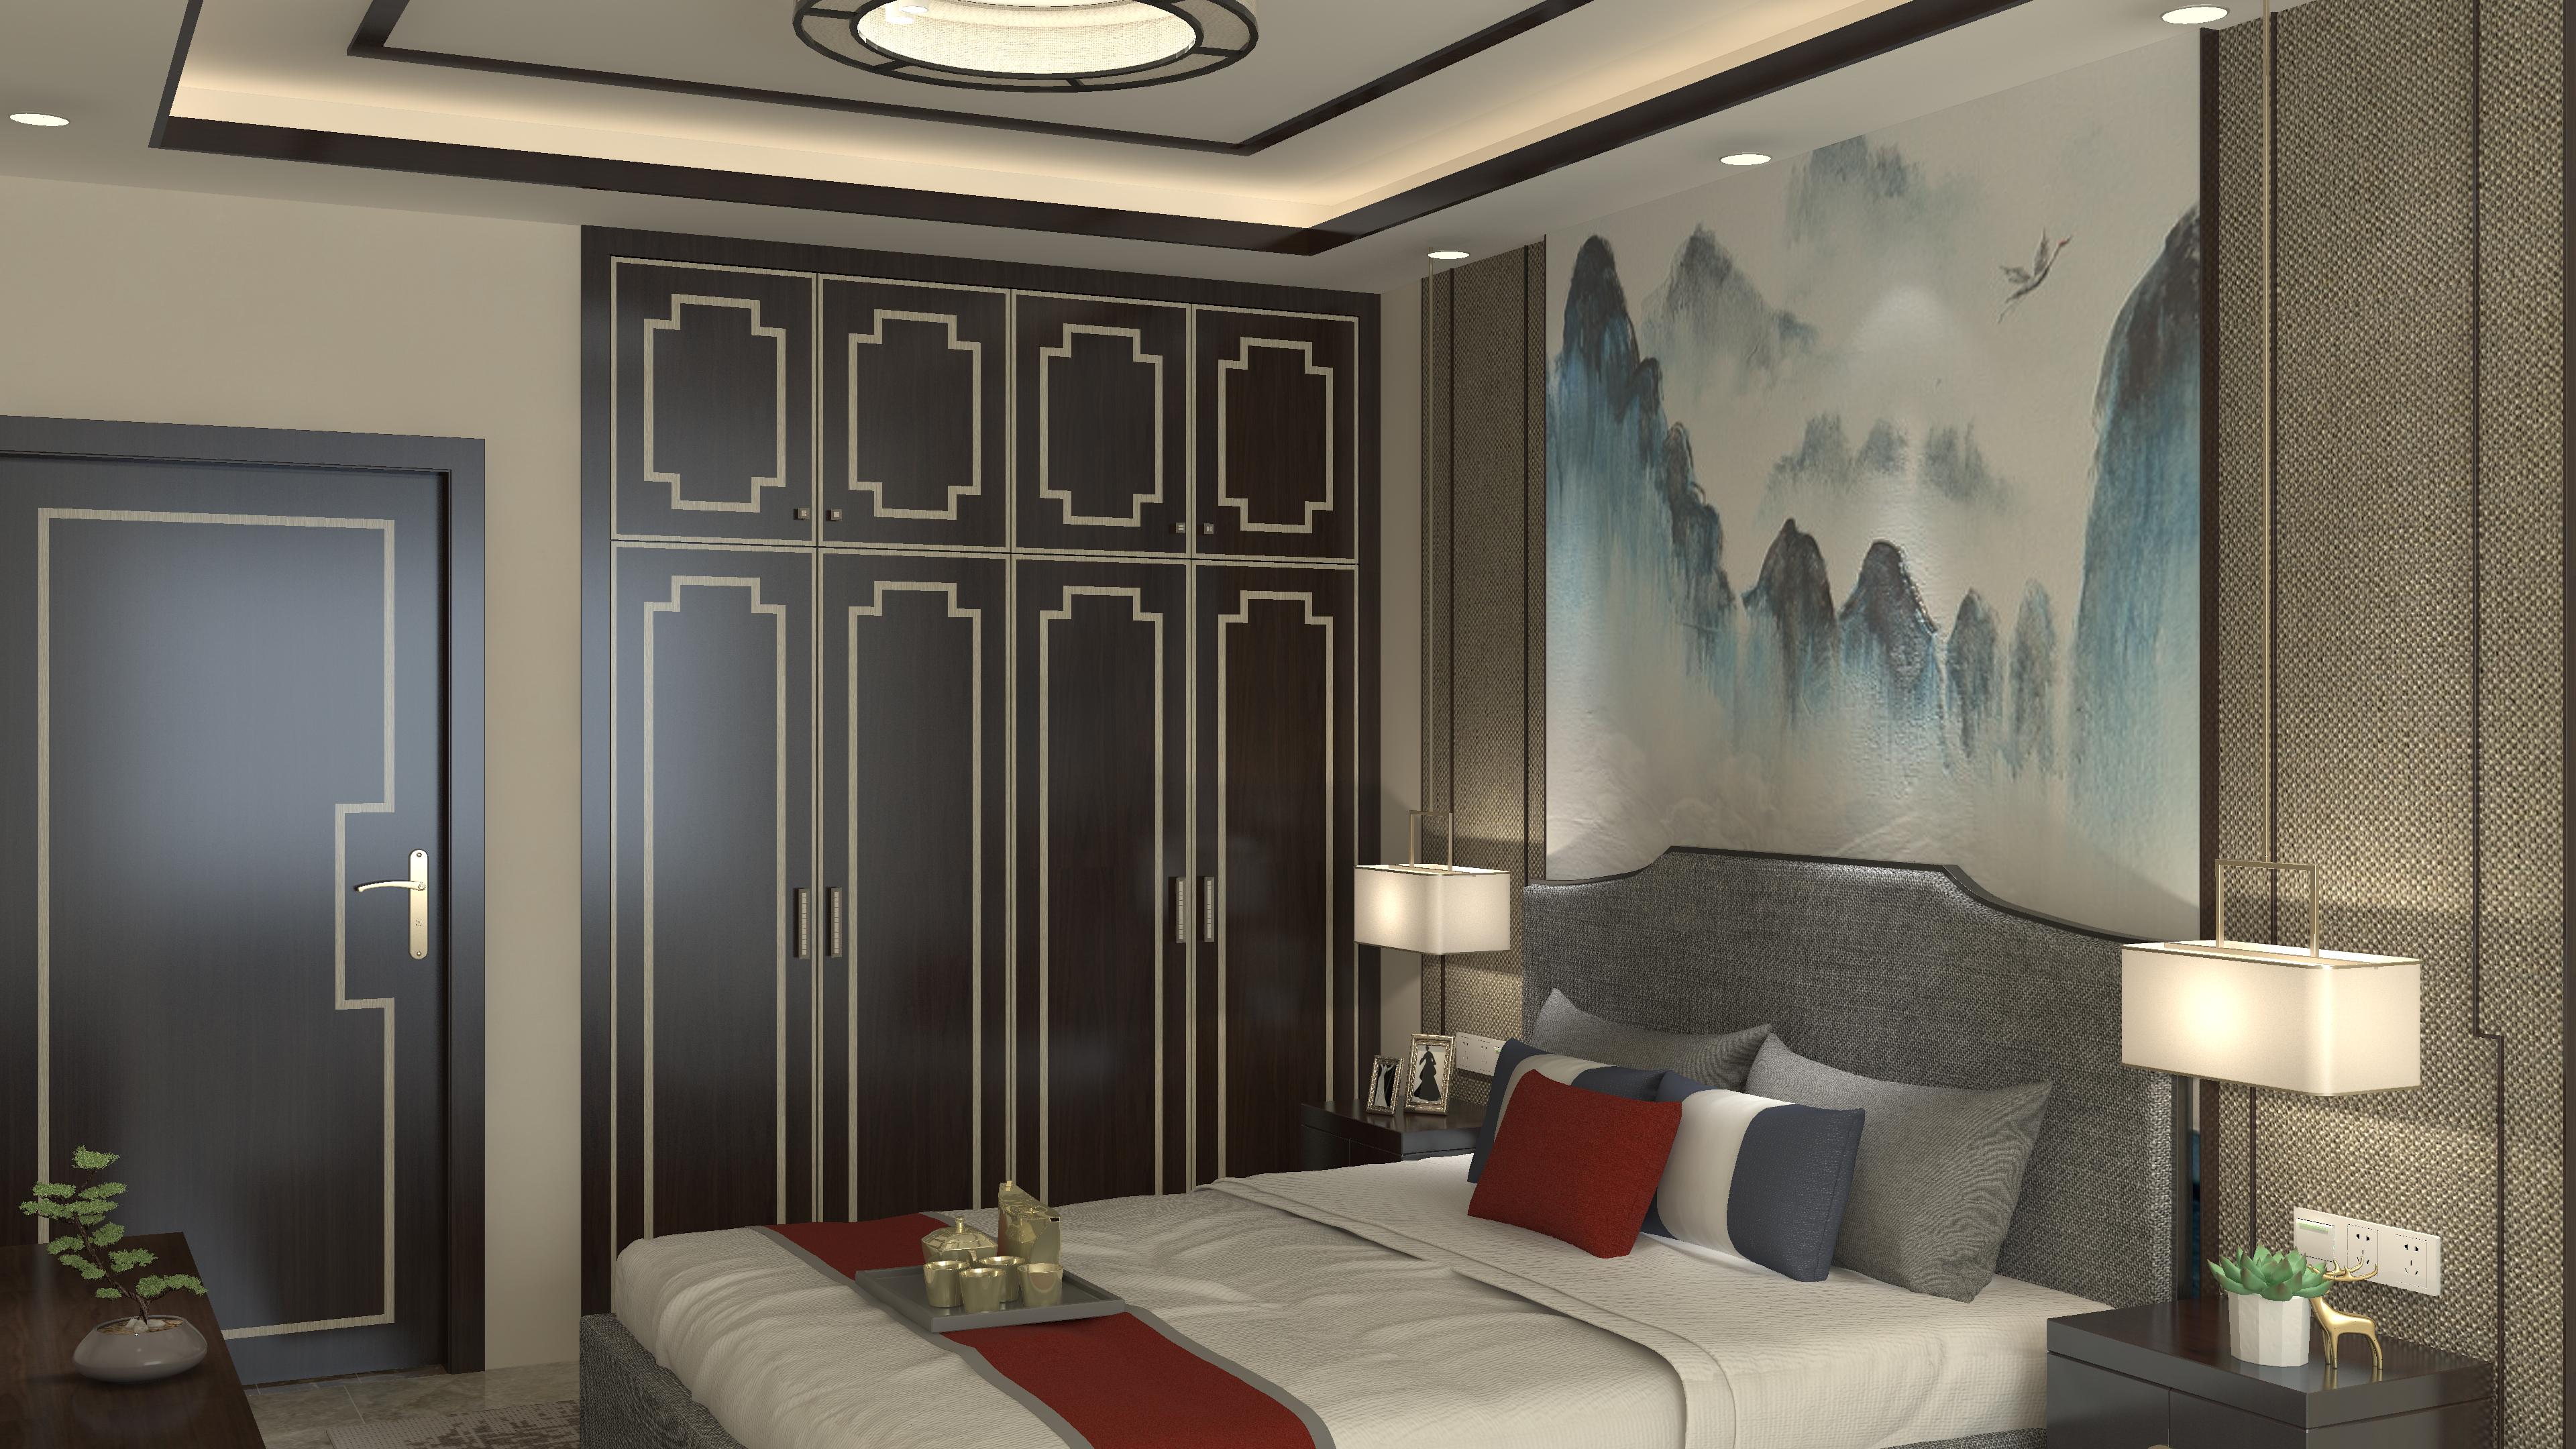 轻中式风格卧室 轻中式装修风格门窗